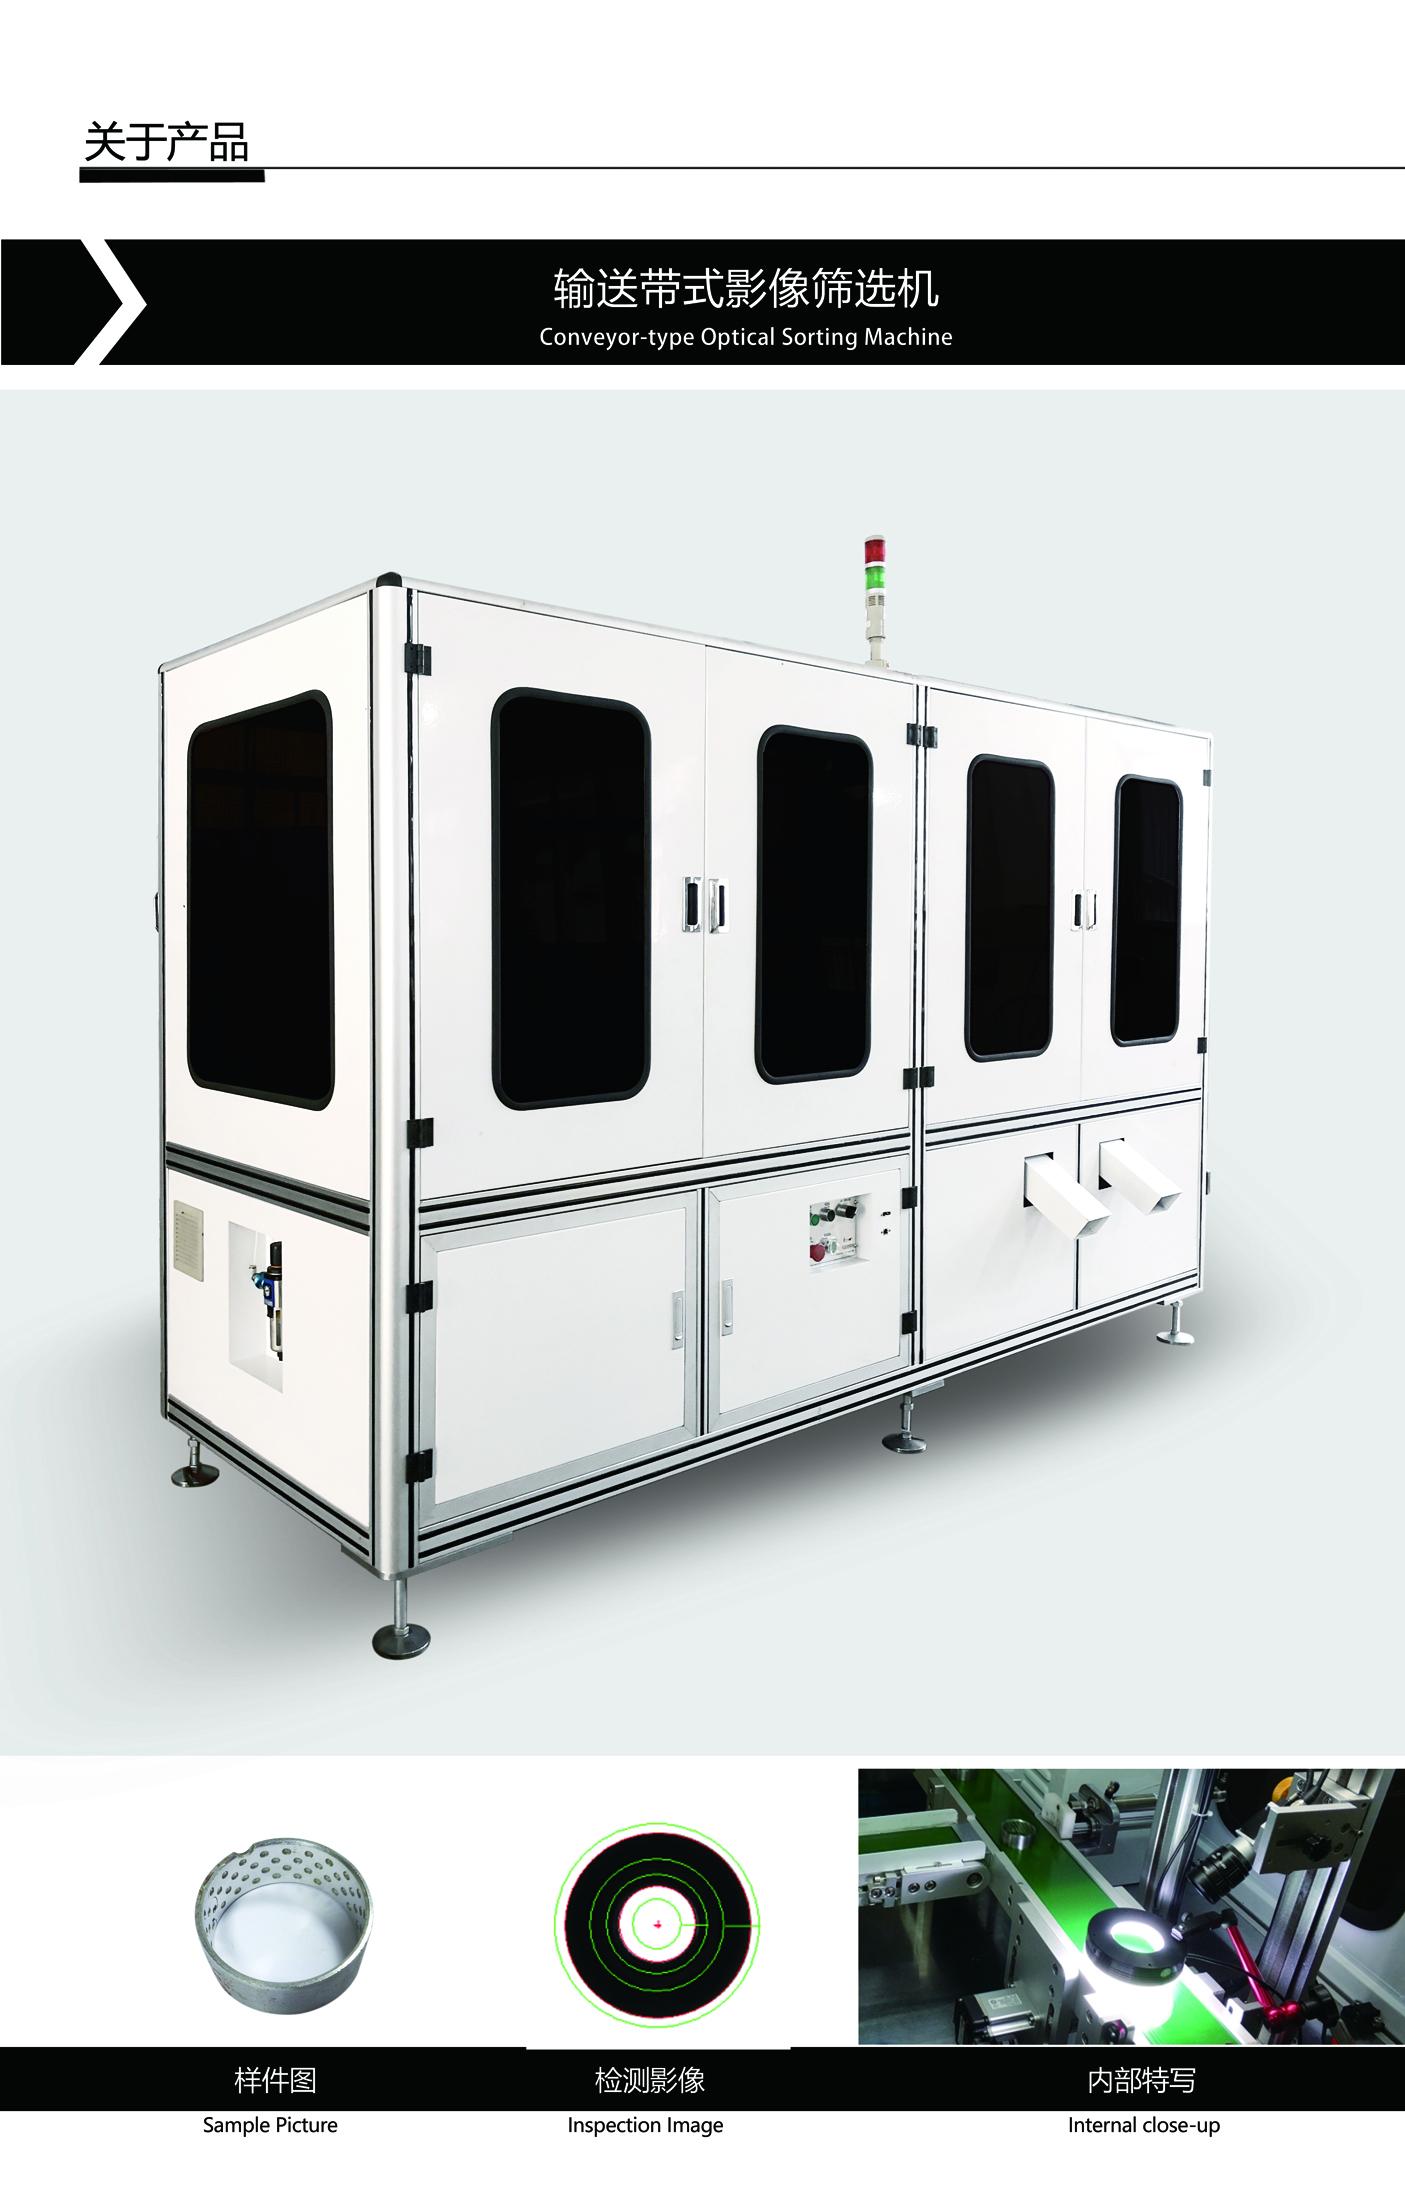 输送带式光学影像筛选机